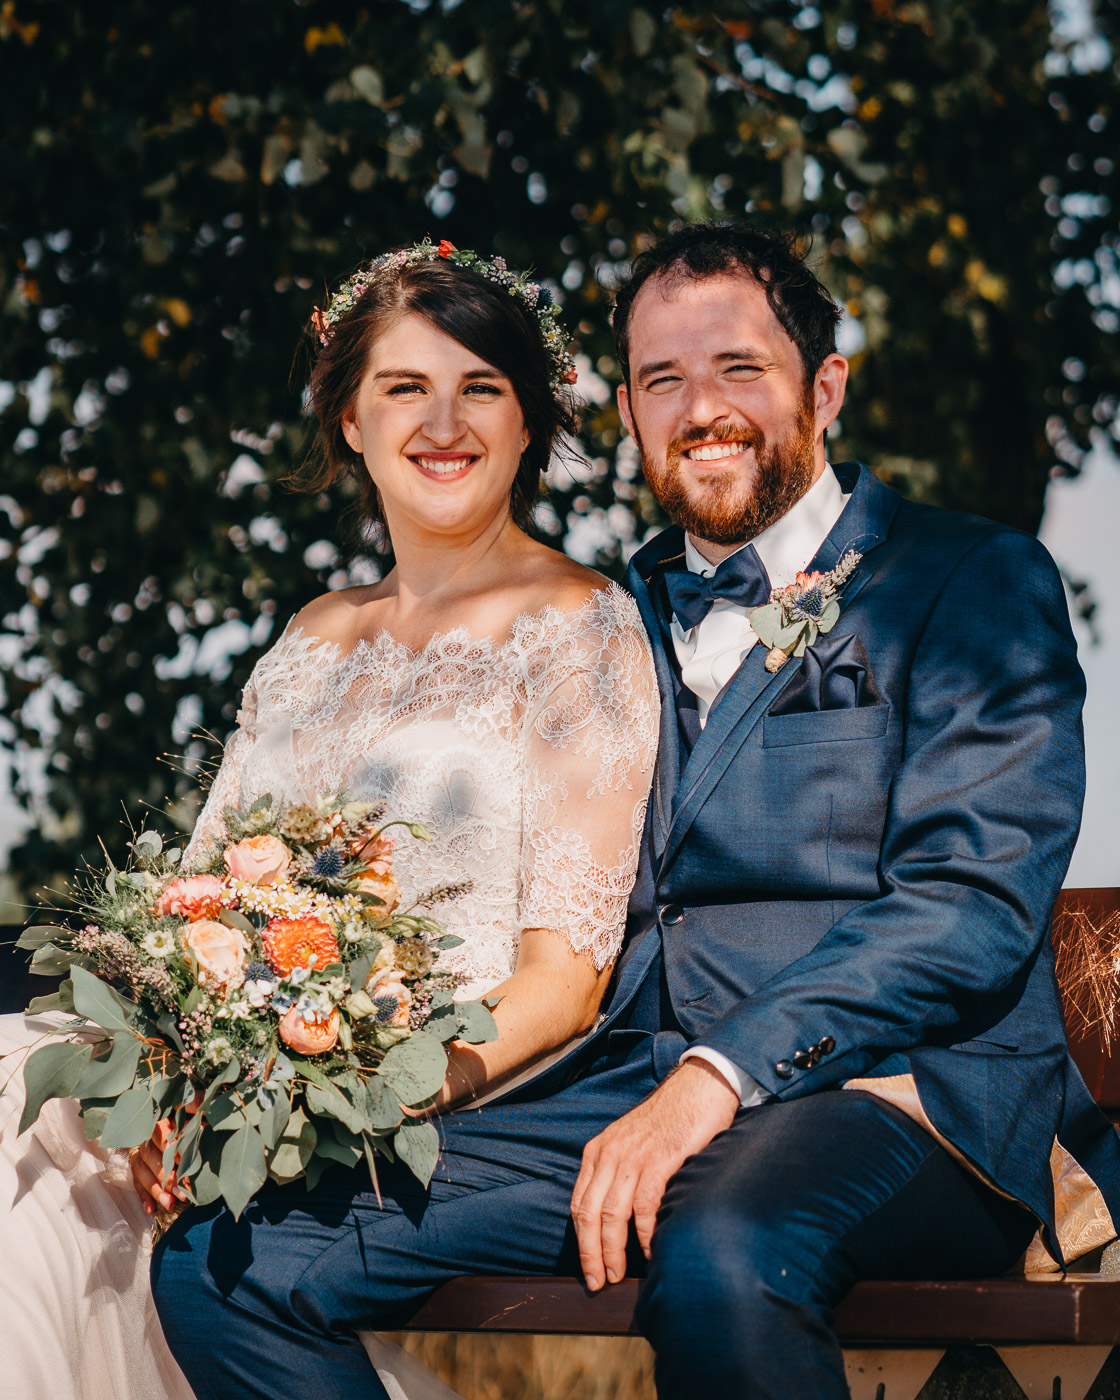 ZIBART.DE - wedding - lowq - 2018.08.04 - 2767.JPG